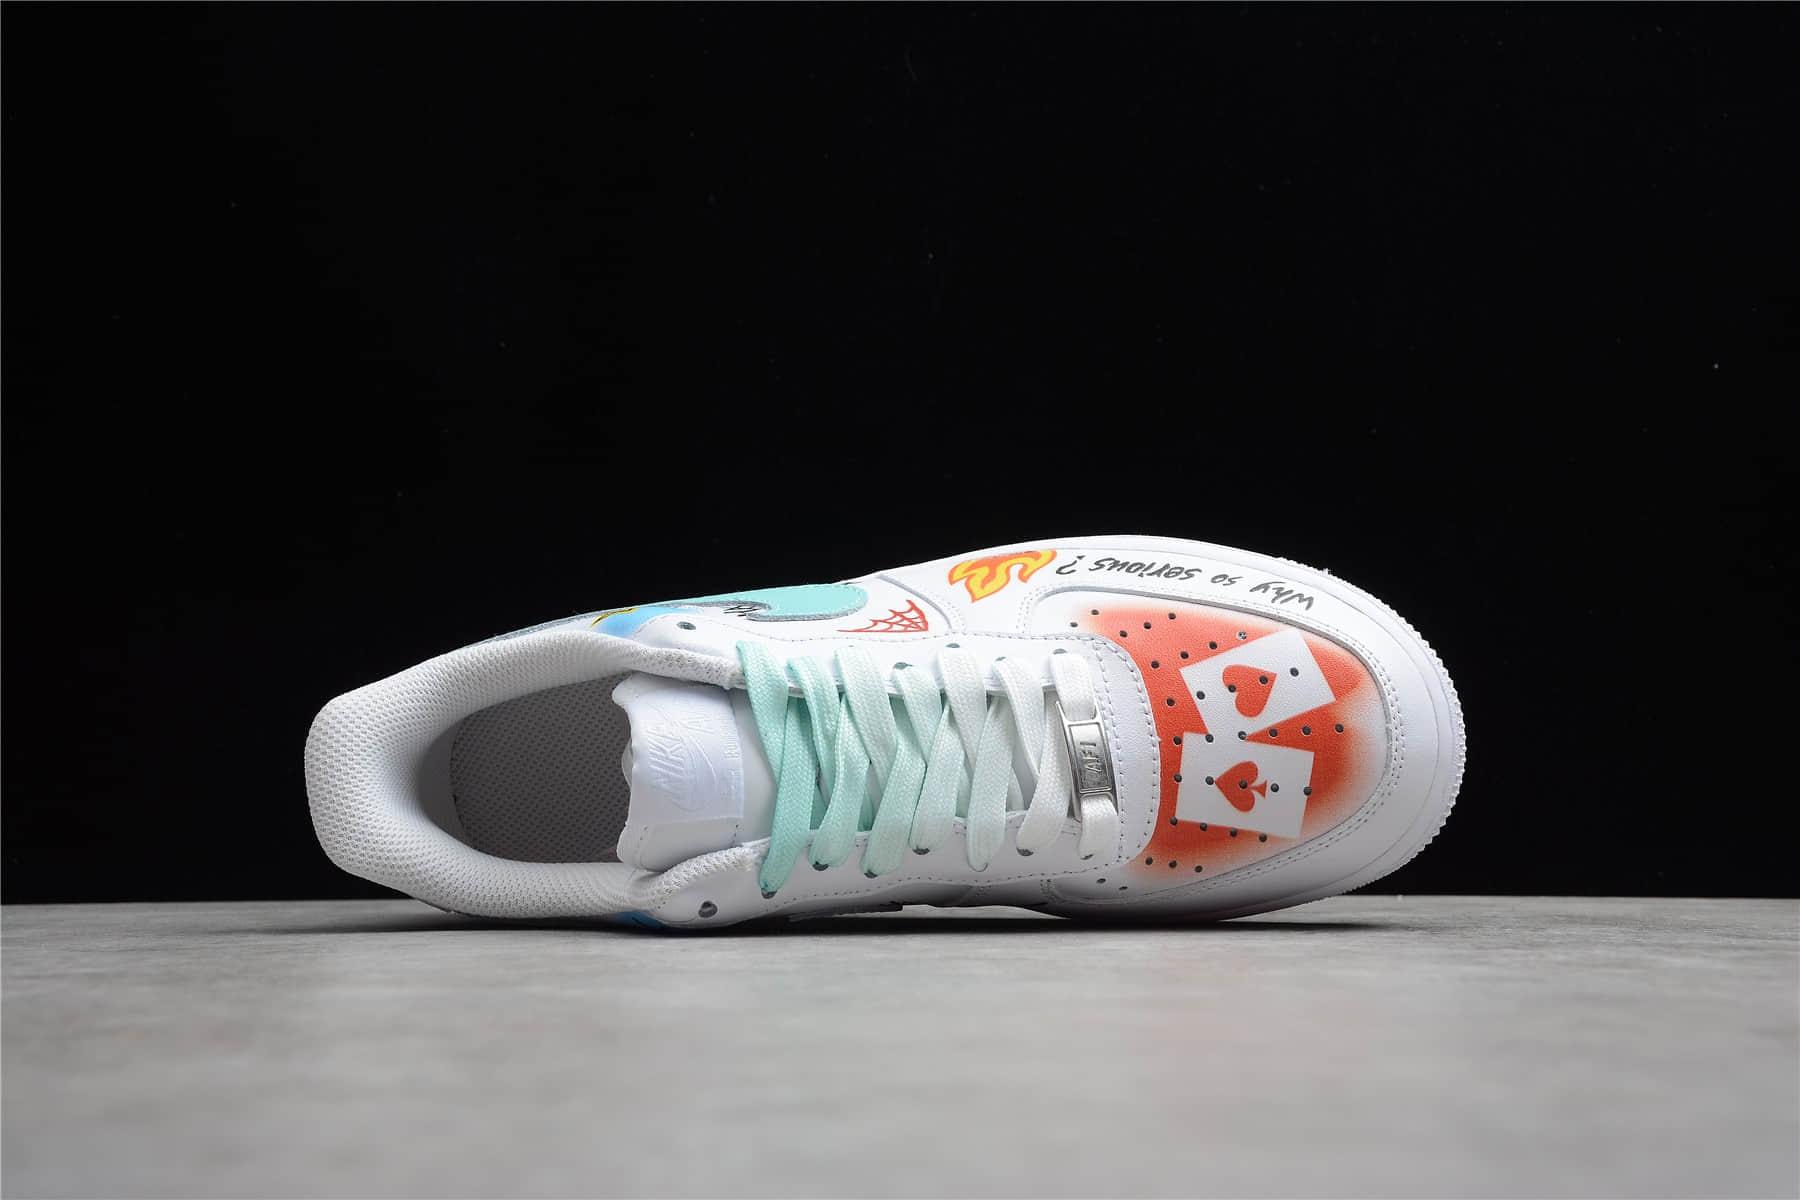 耐克空军鸳鸯板鞋 Nike Air Force 1 Low '07 空军 低帮 耐克空军涂鸦低帮板鞋 耐克空军纯原版本 货号:CW2288-111-潮流者之家